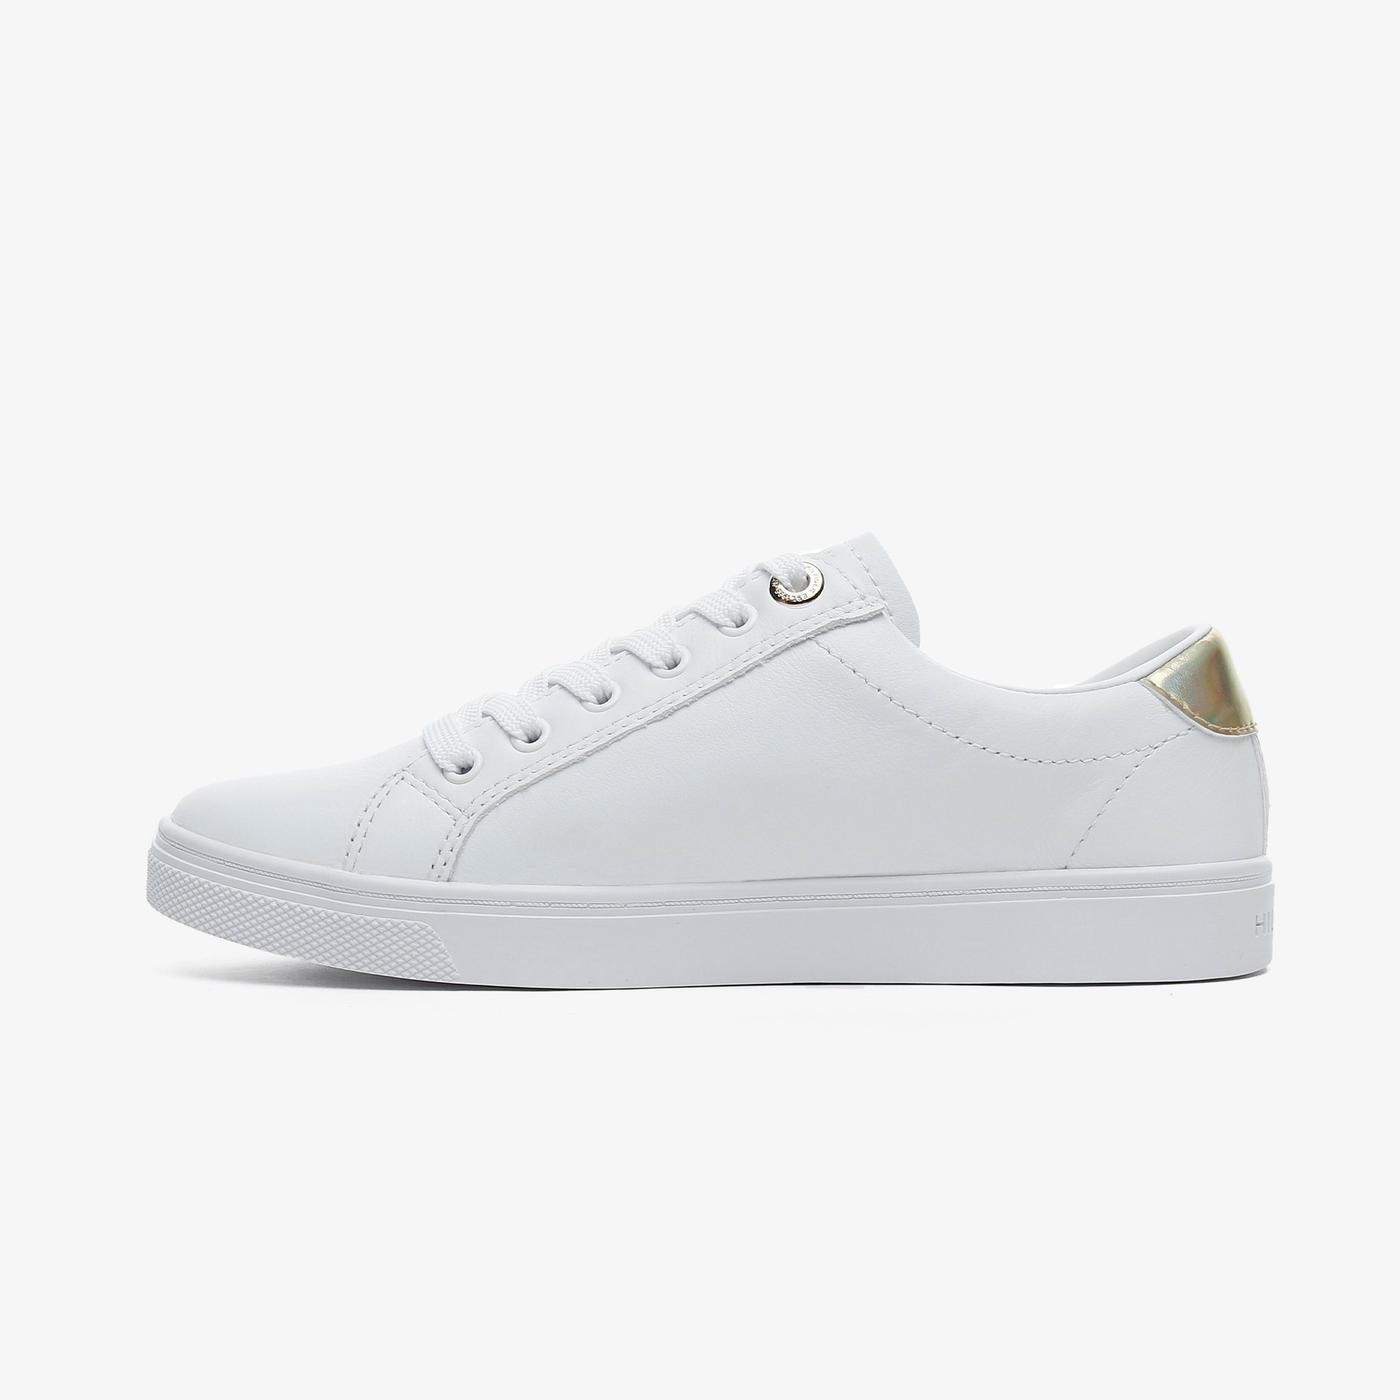 Tommy Hilfiger Corporate Cupsole Kadın Beyaz Spor Ayakkabı